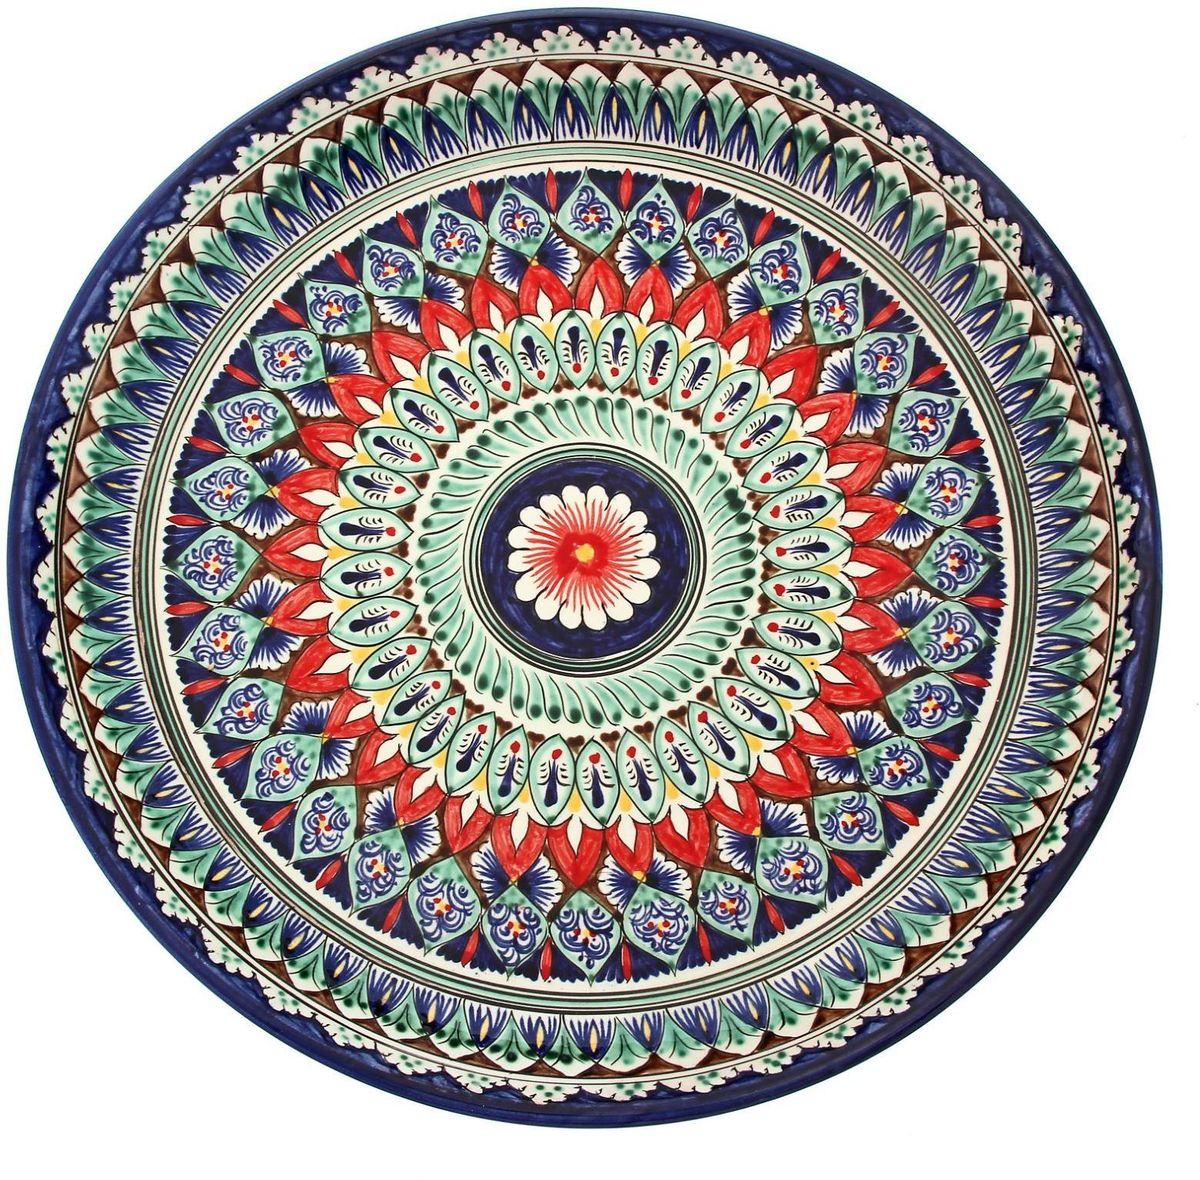 Ляган Риштанская керамика, диаметр 36 см. 19234681923468Ляган — это не просто обеденный атрибут, это украшение стола. Посуда с национальной росписью станет отменным подарком для ценителей высокородной посуды.Риштан — город на востоке Узбекистана, один из древнейших в Ферганской долине. С давних времён Риштан славится своим гончарным искусством изготовления цветной керамики. Красноватую глину для изделия добывают в самом городе. Мастера утверждают, что их глина настолько высокого качества, что даже не нуждается в предварительной обработке. Дополните коллекцию кухонных аксессуаров пряными восточными нотами.